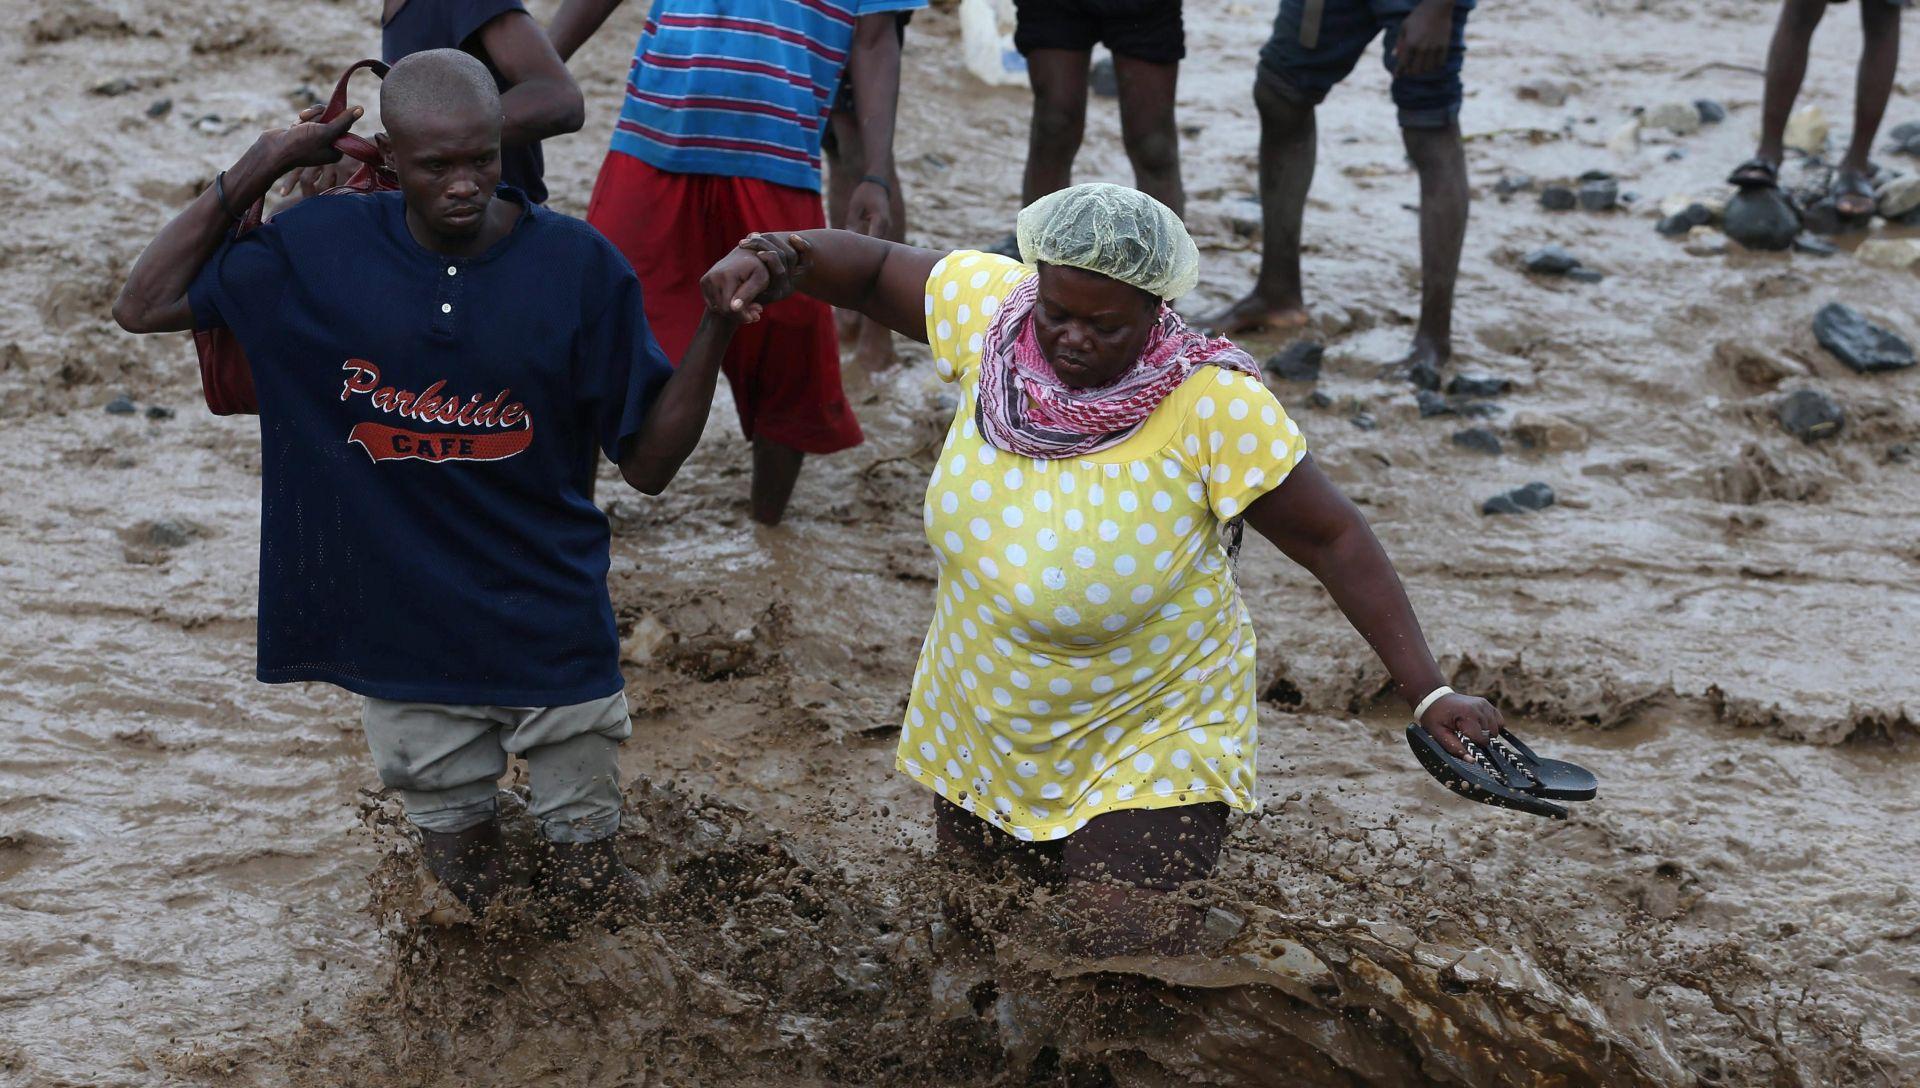 Na Haitiju nakon uragana povećan broj slučajeva kolere